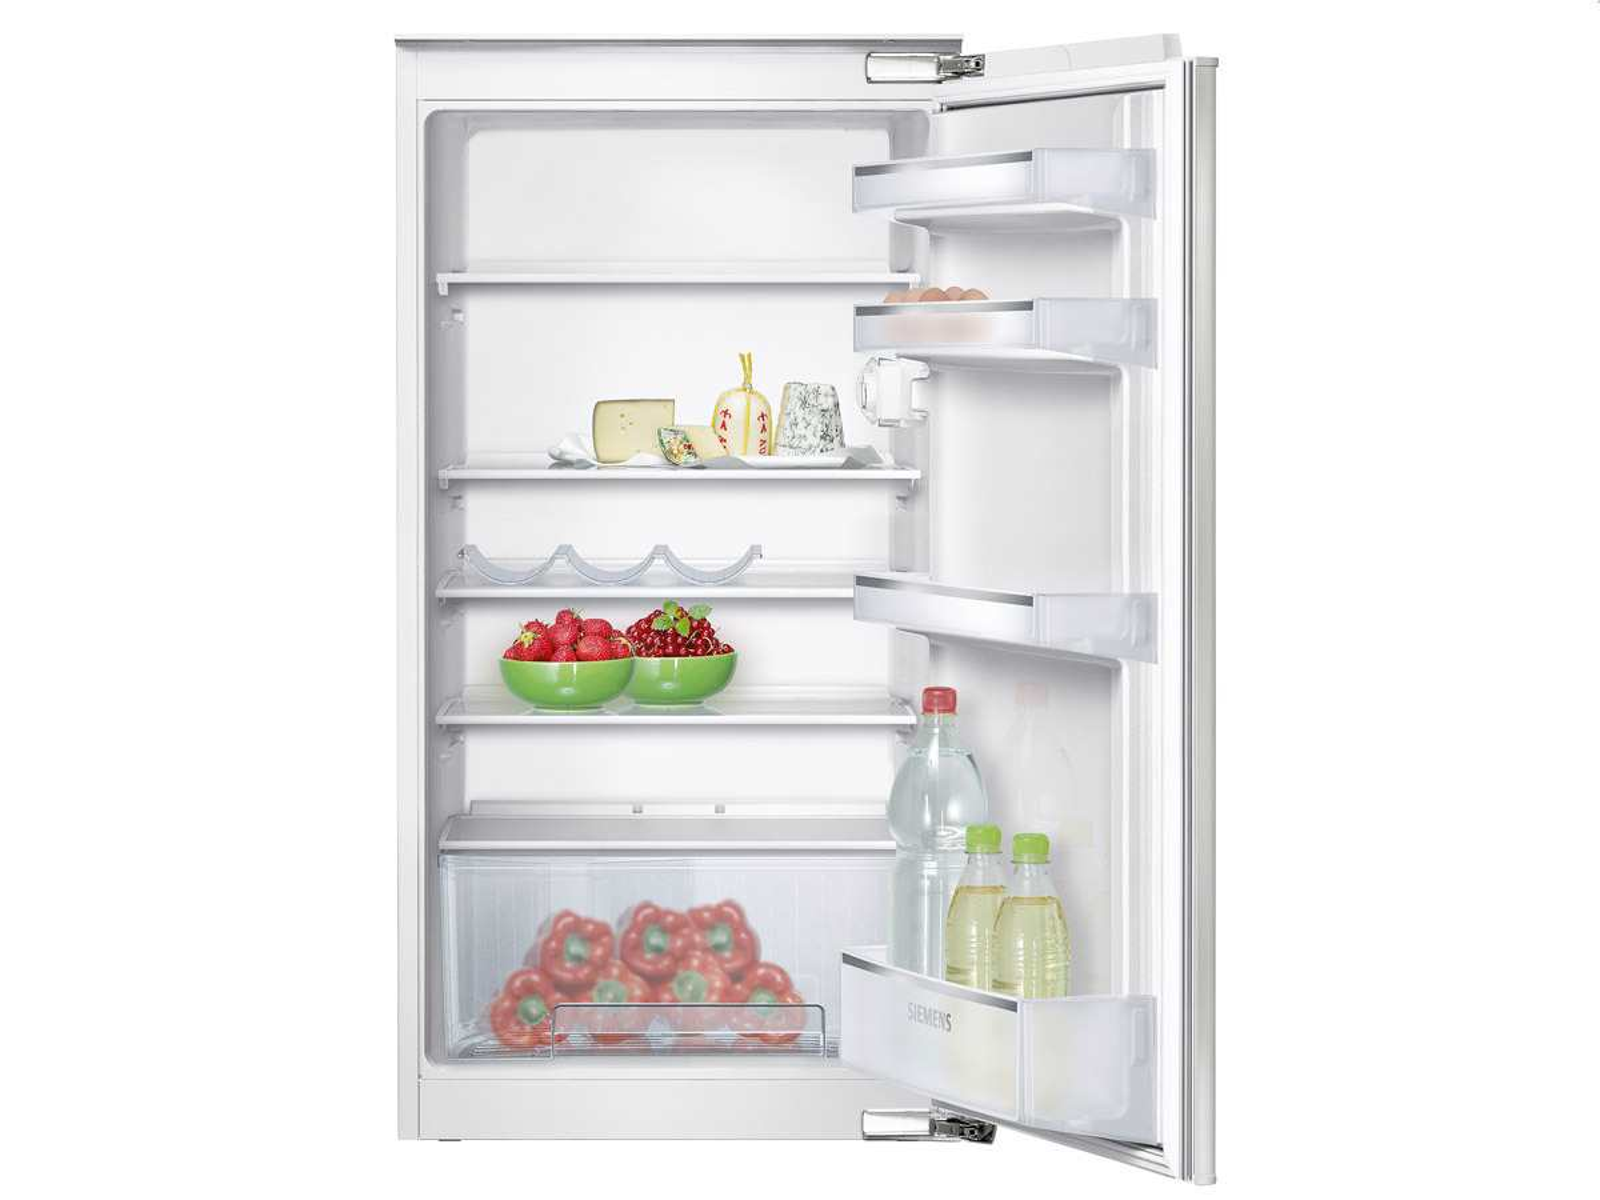 Bild von Siemens KI20RV62 Einbau Kühlschrank